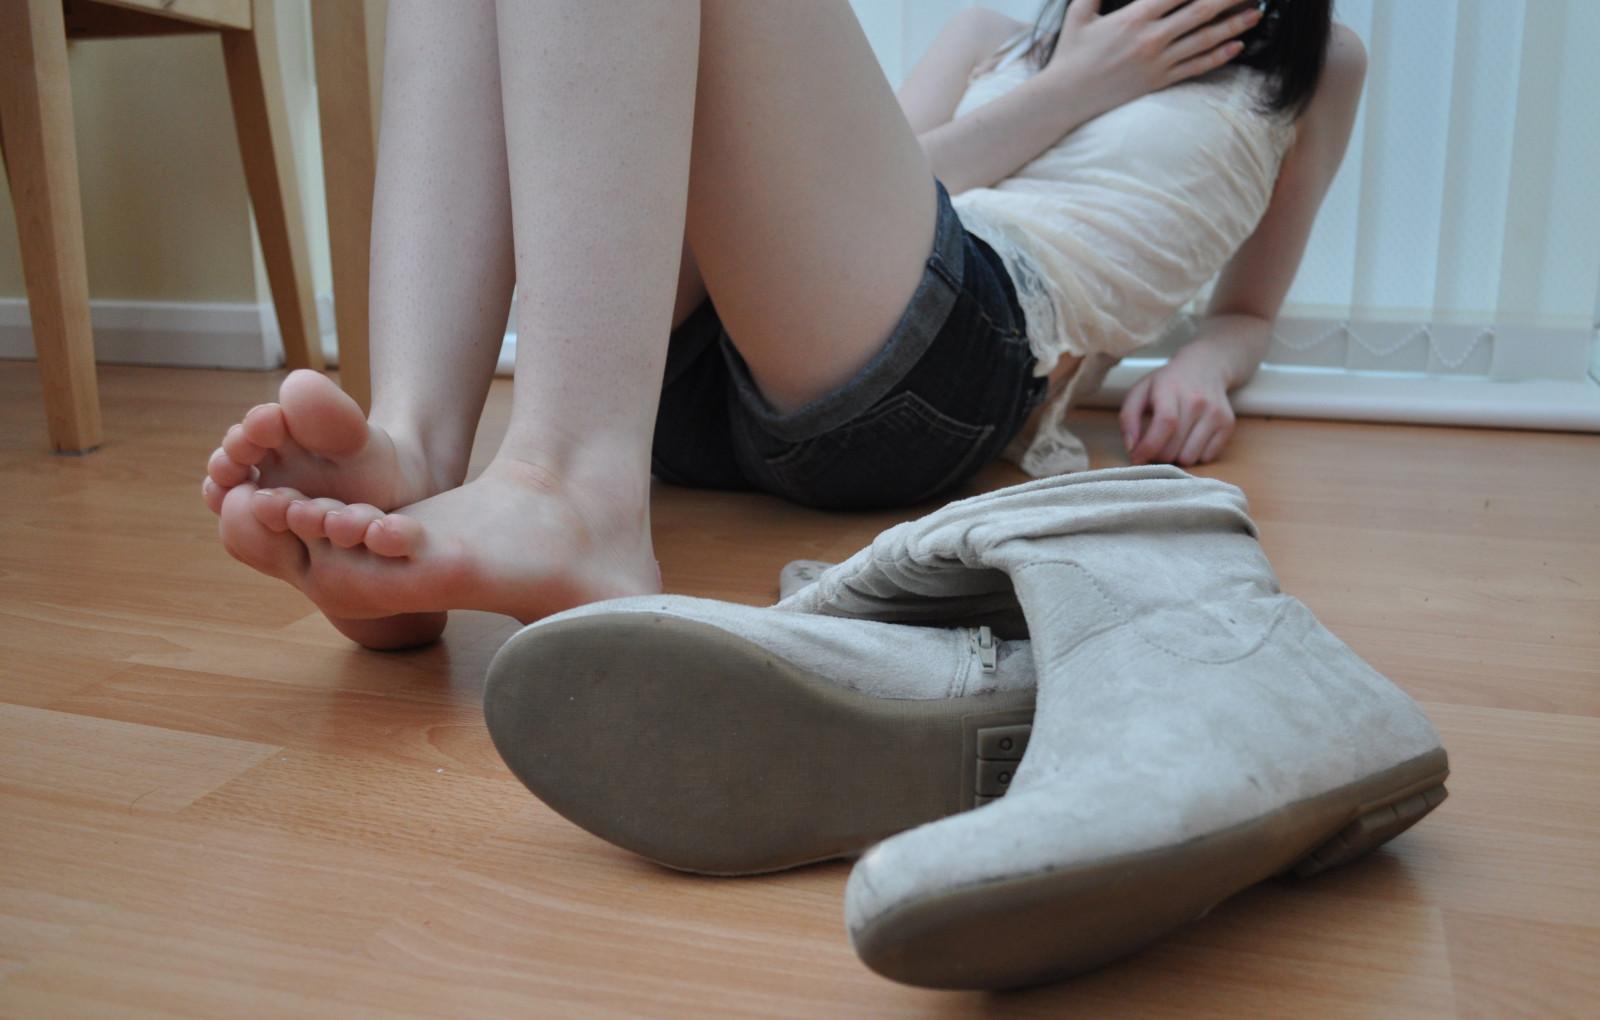 Wallpaper  White, Model, Hands, Barefoot, Legs, Asian, Sitting, Socks, Pattern, Feet -1988